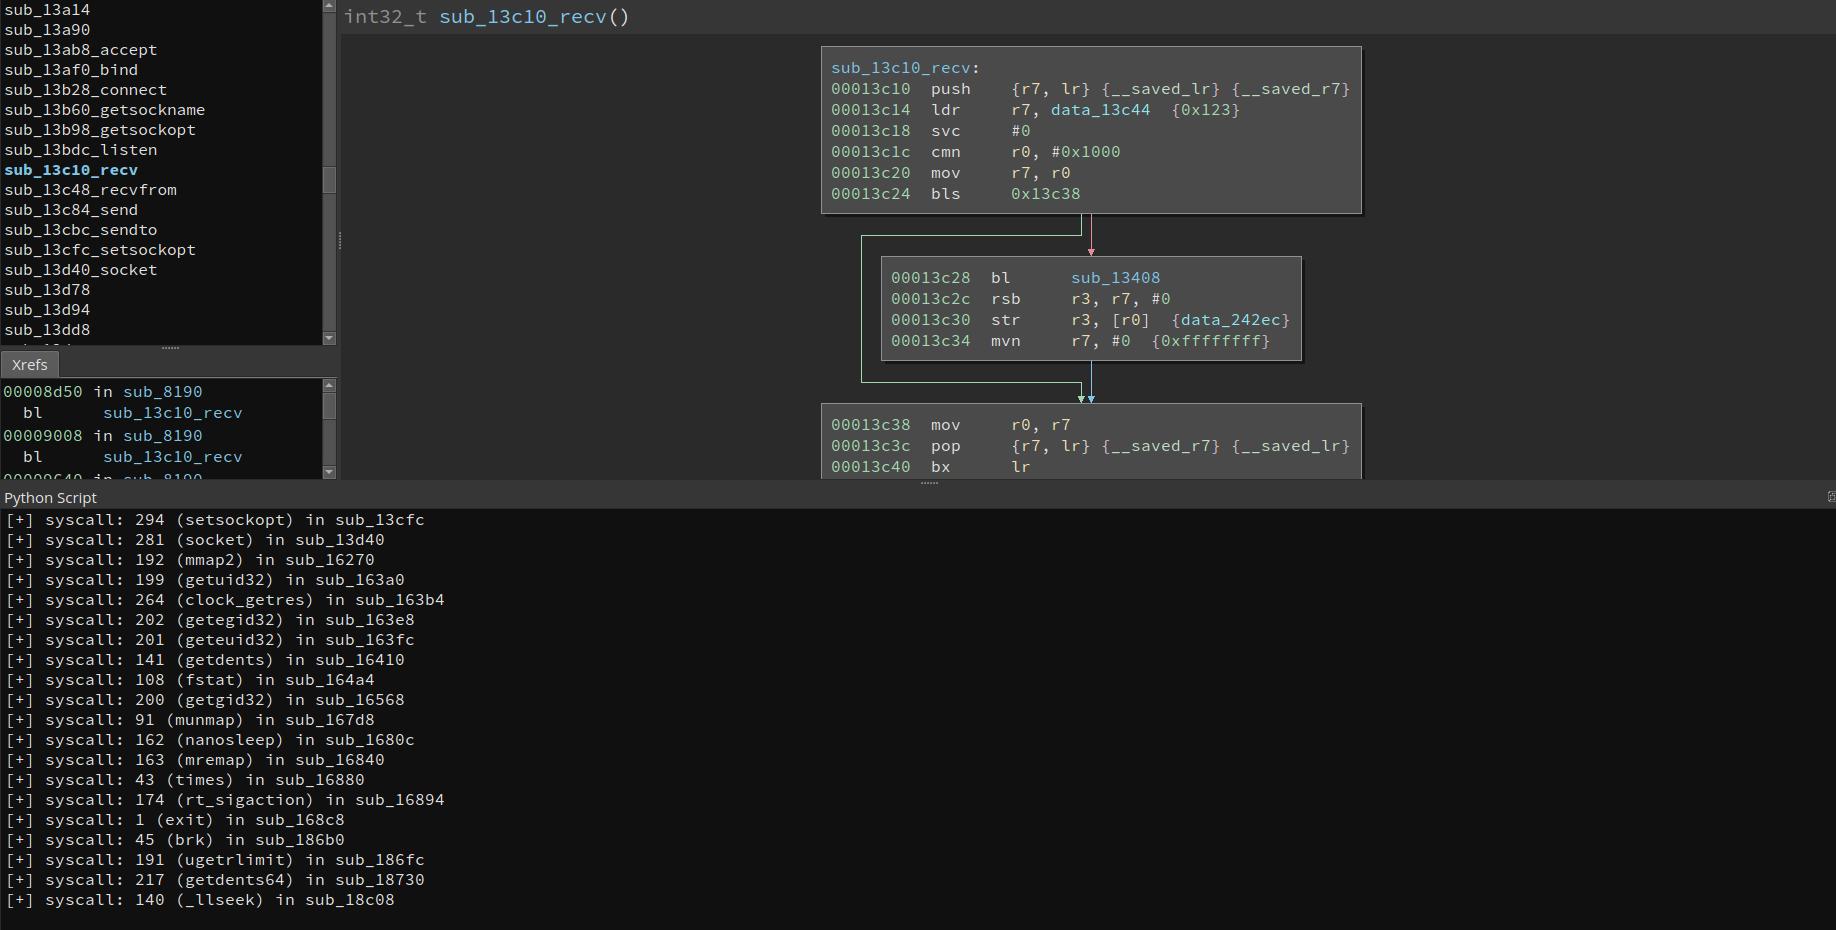 renamed_functions